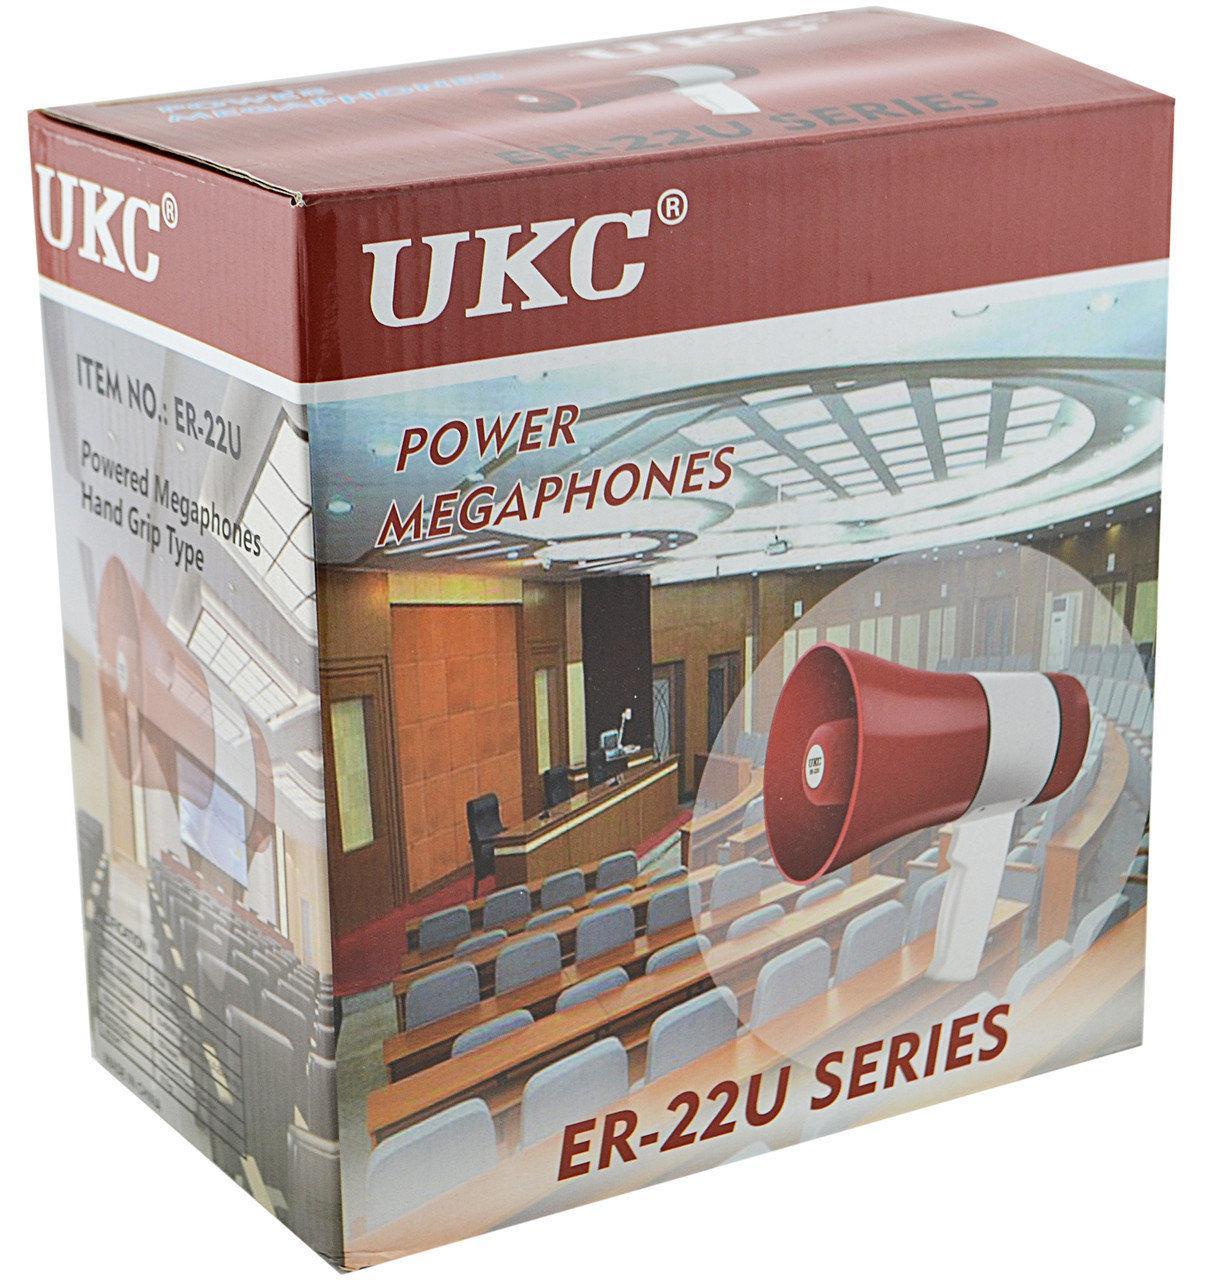 Мегафон POWER MEGAPHONE UKC ER-22U, громкоговоритель, рупор ручной